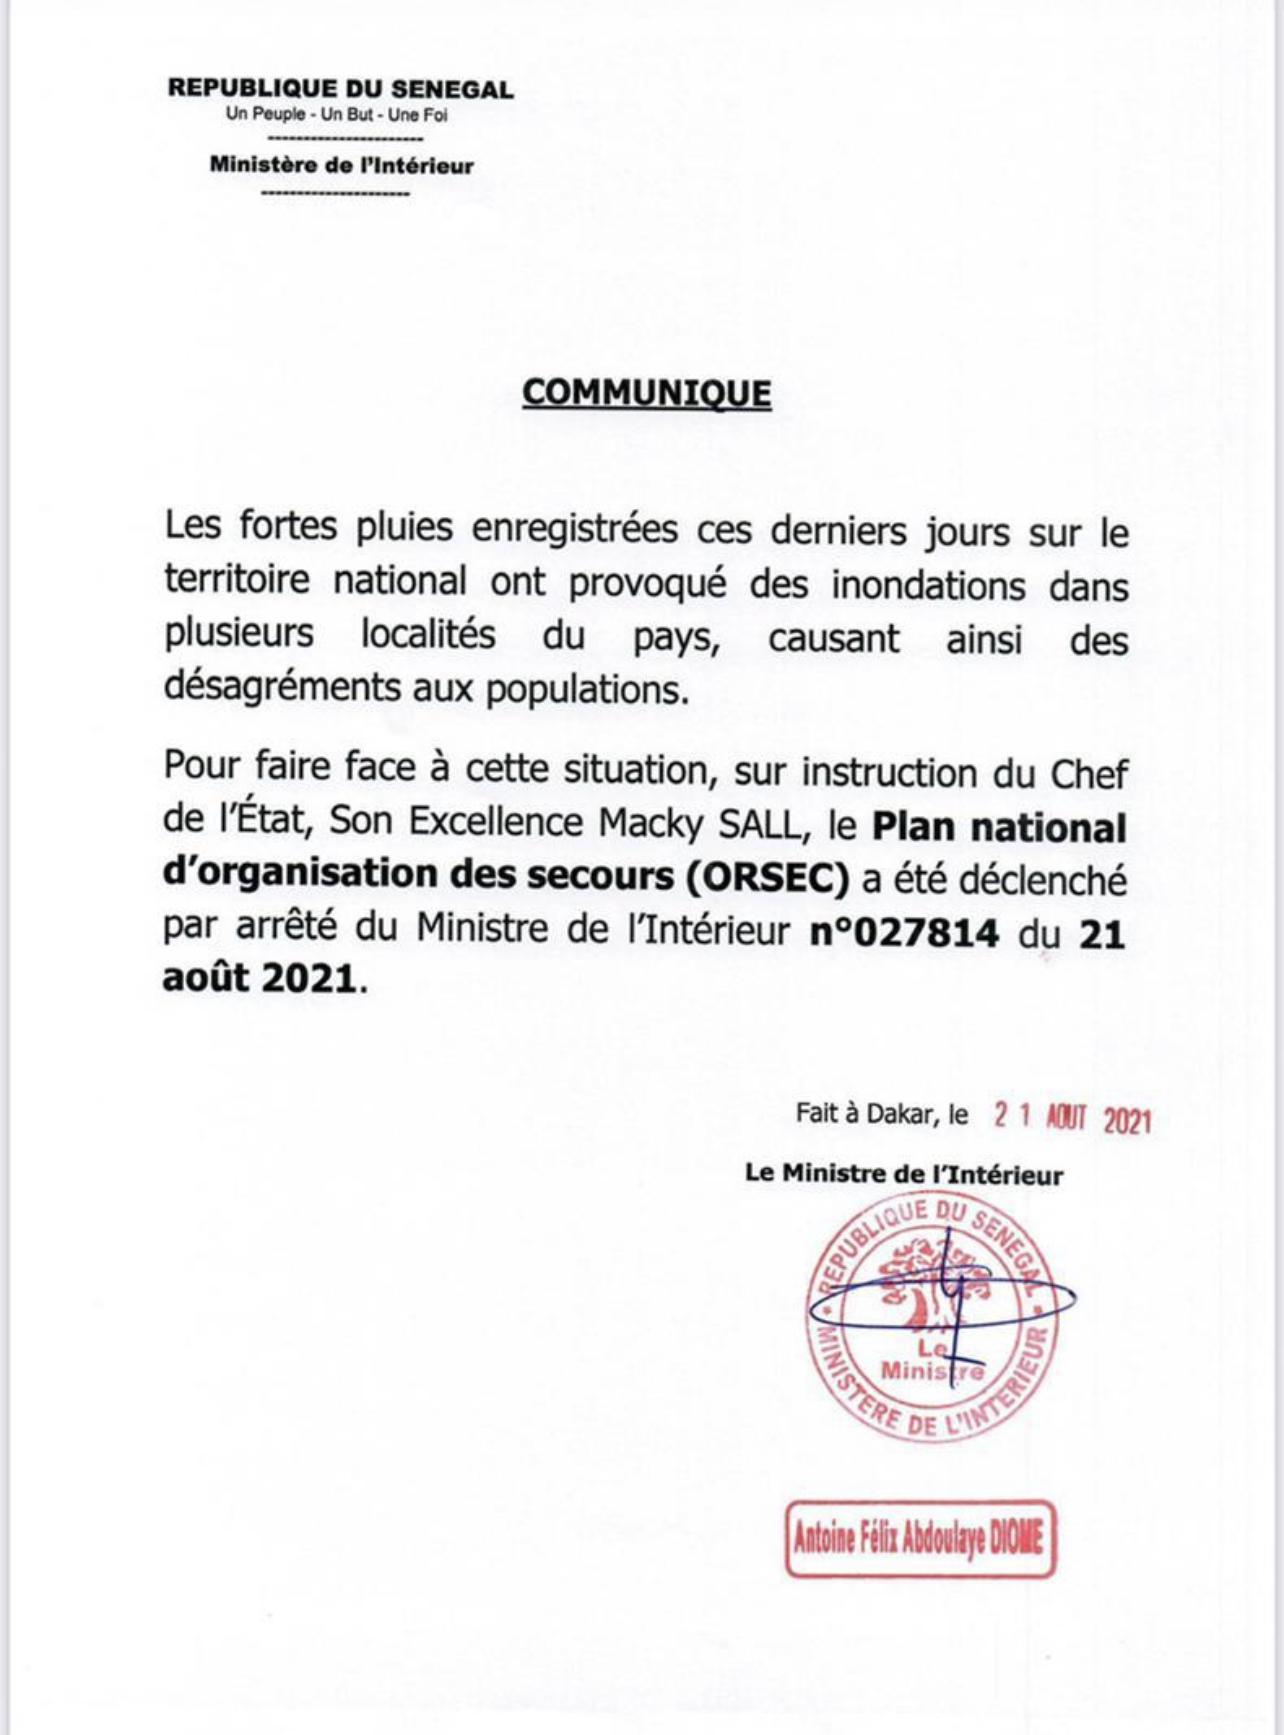 GESTION DES INONDATIONS : Le ministre de l'intérieur déclenche le Plan Orsec. (DOCUMENT)